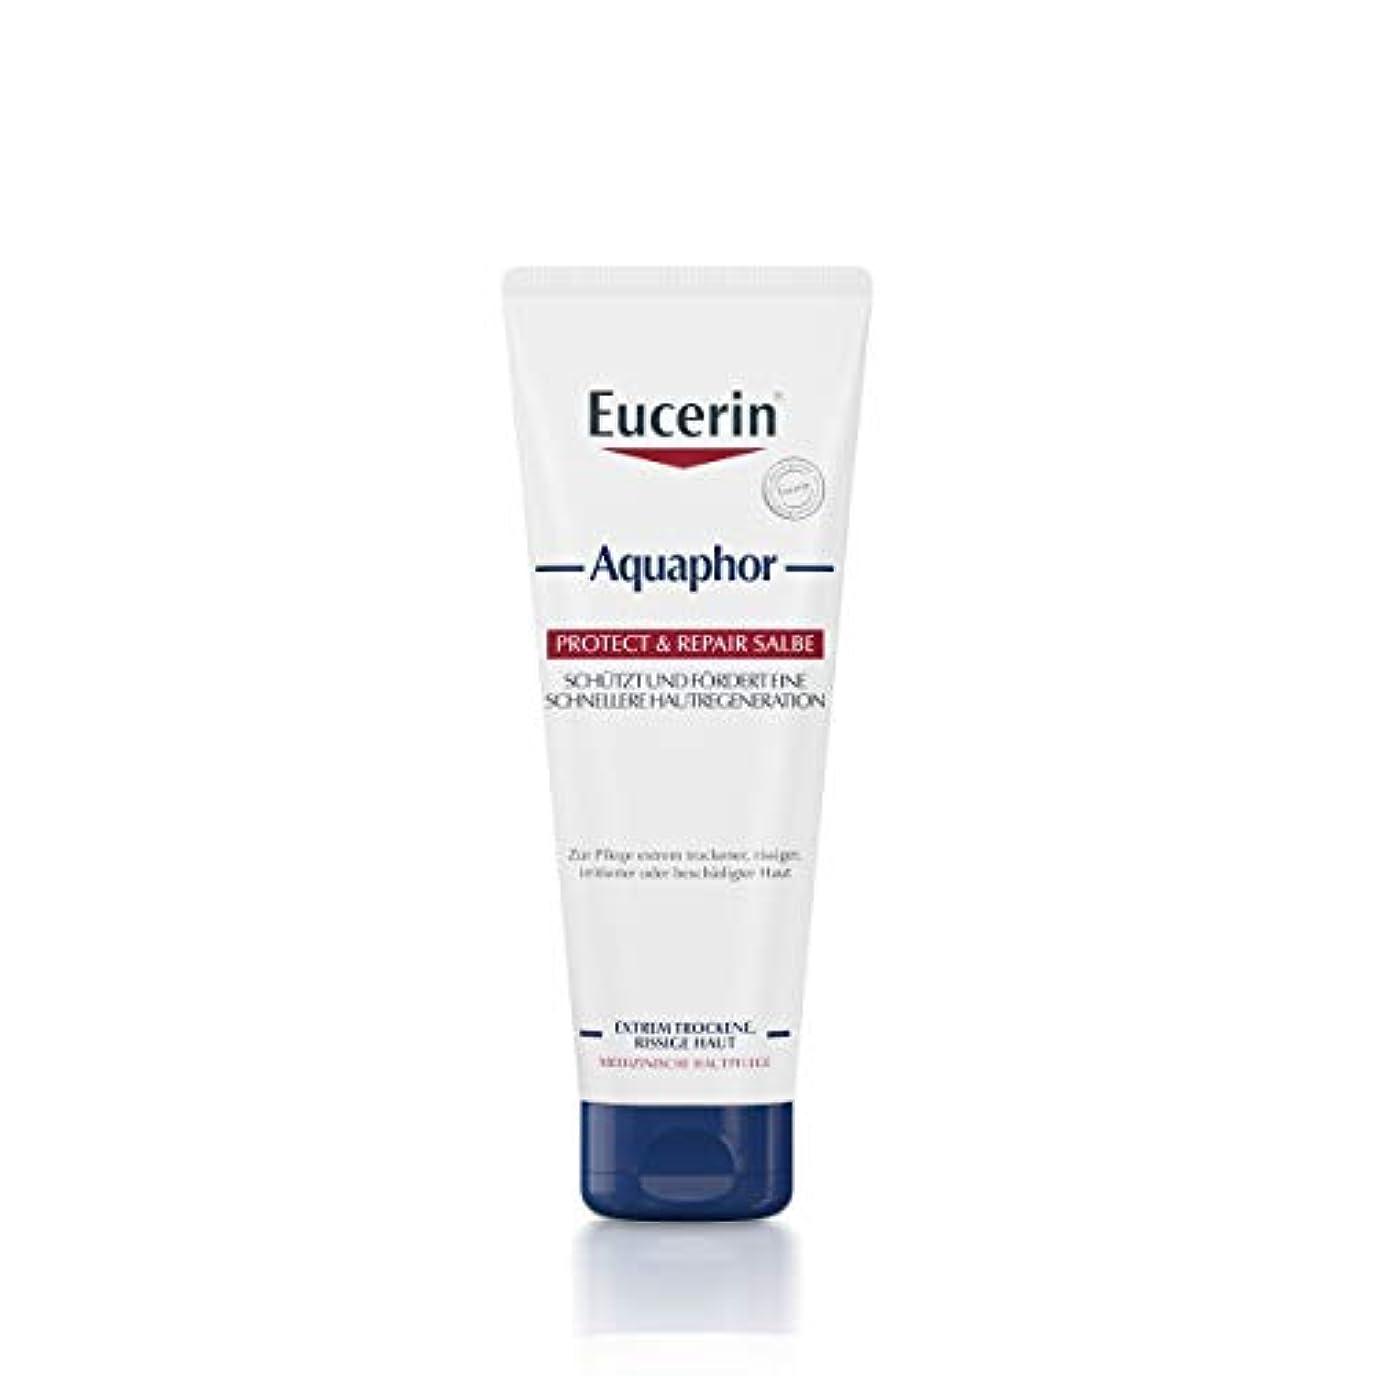 迷路発動機愛Eucerin Aquaphor Soothing Skin Balm 220ml - EucerinのAquaphor心地よいスキンクリーム220ミリリットル (Eucerin) [並行輸入品]